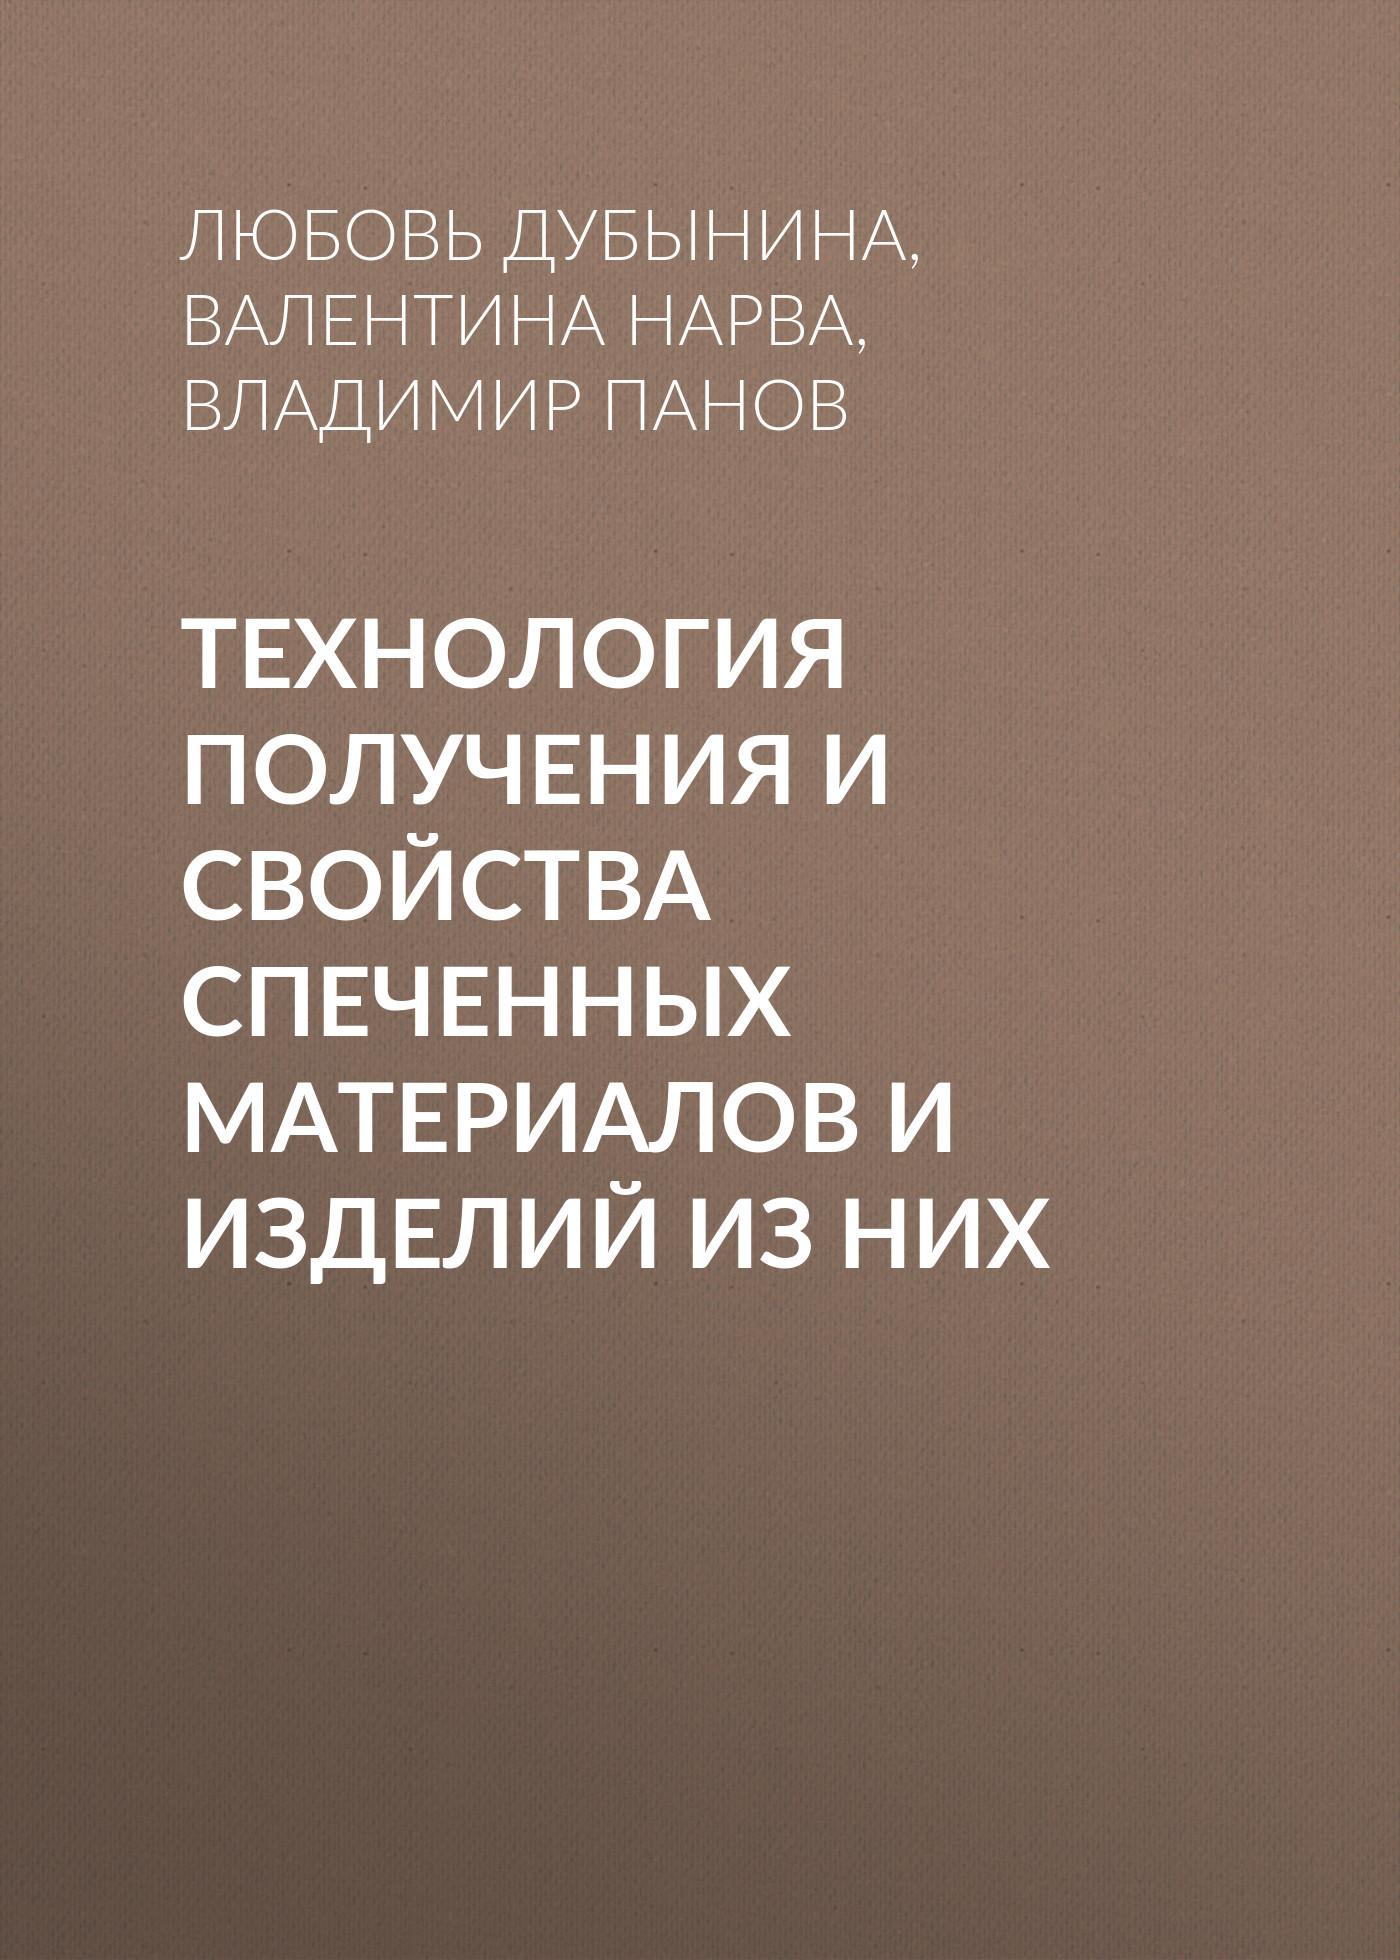 Валентина Нарва Технология получения и свойства спеченных материалов и изделий из них